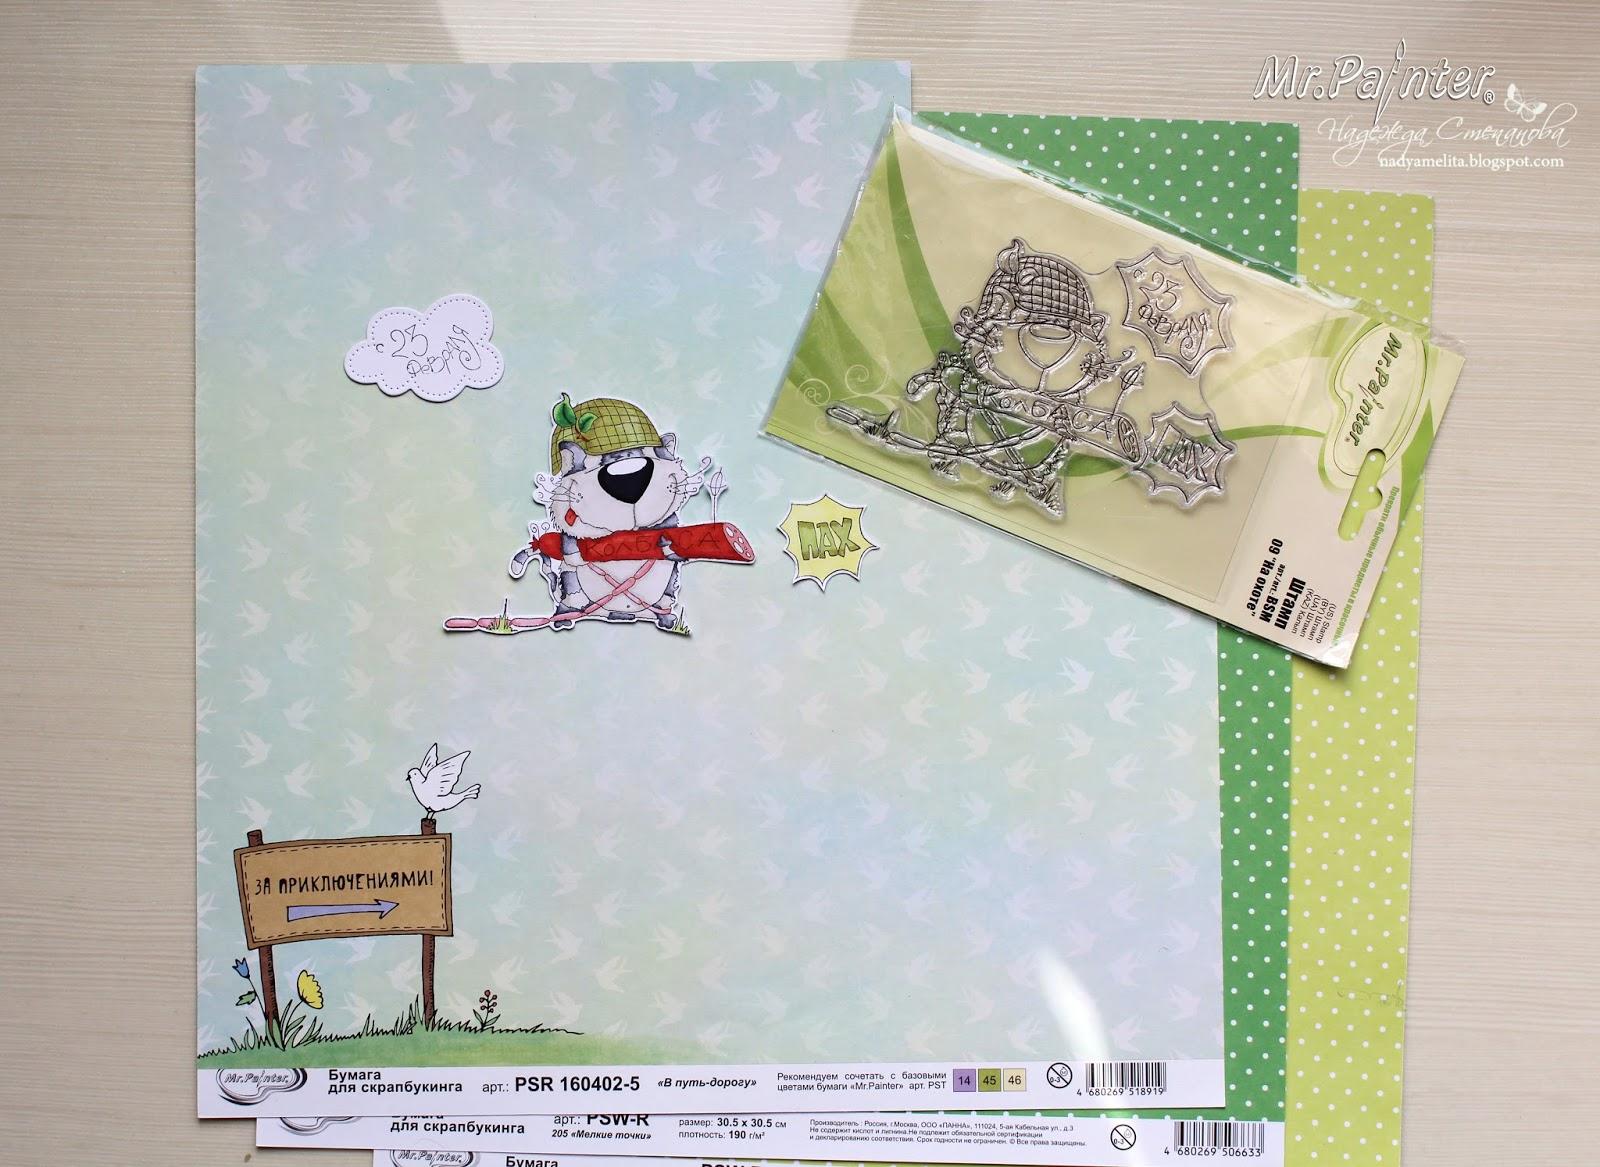 Мастер-класс по интерактивным открытками